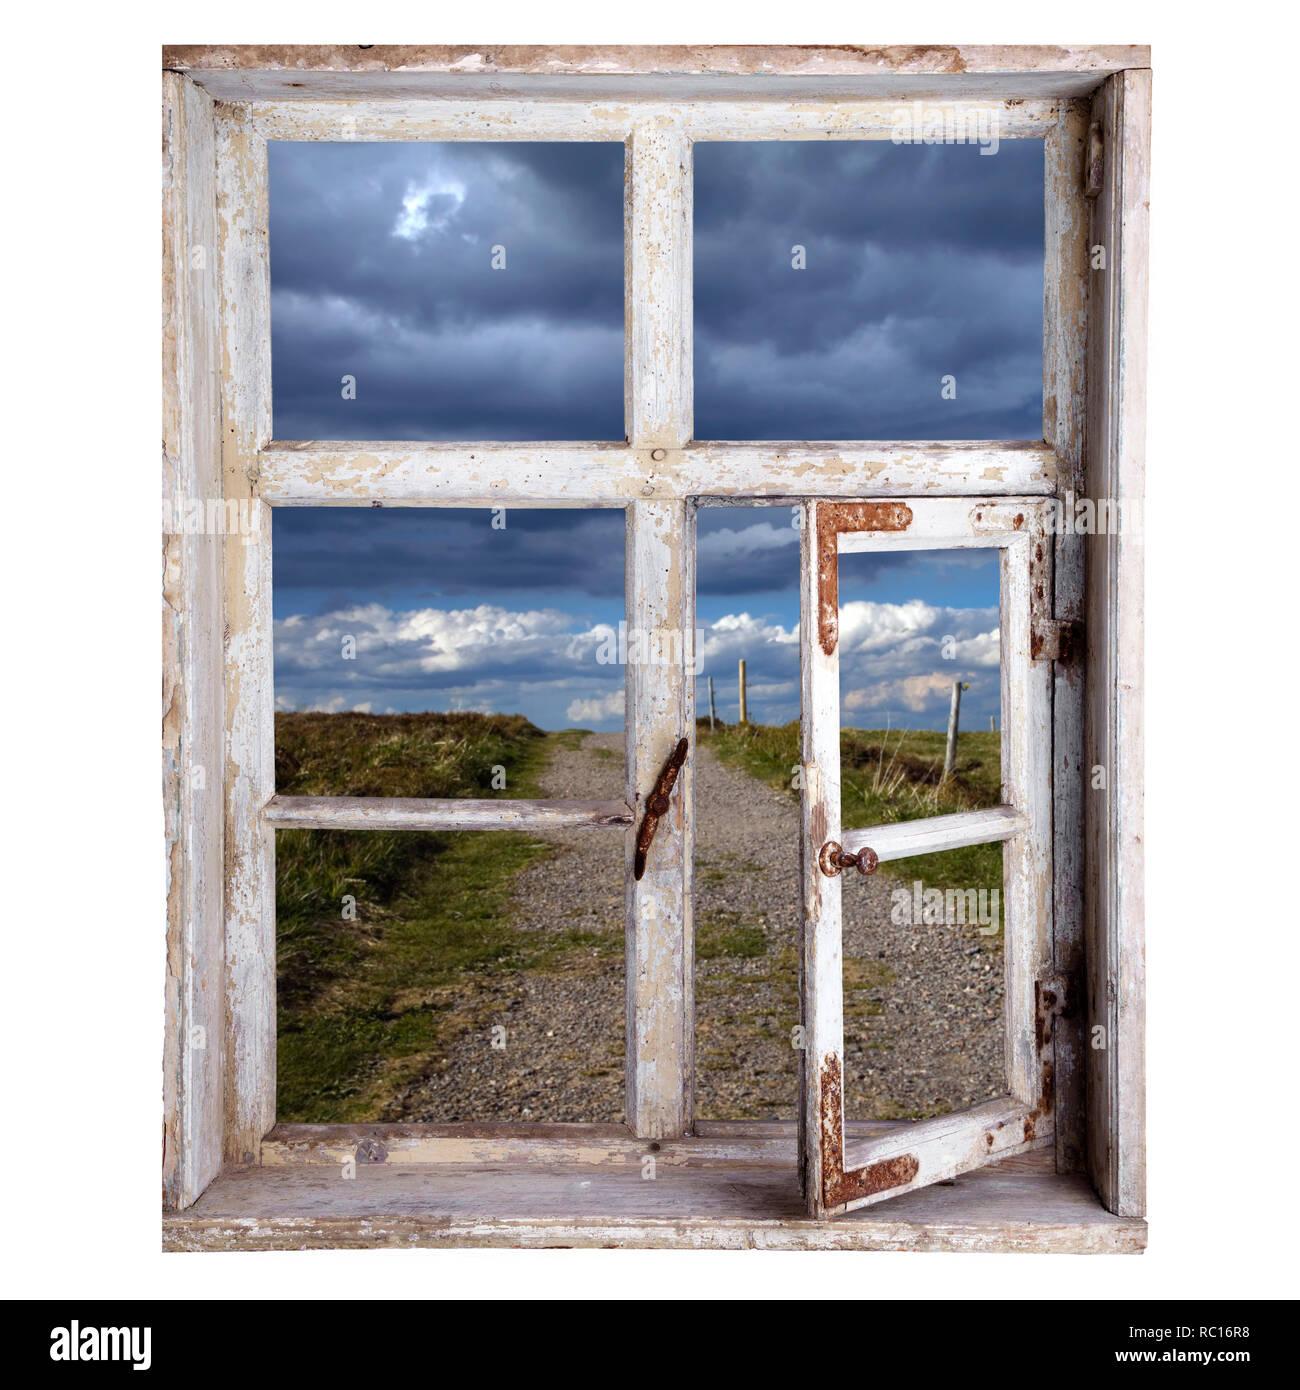 Fenster freigestellt, Blick in die Landschaft Stockbild